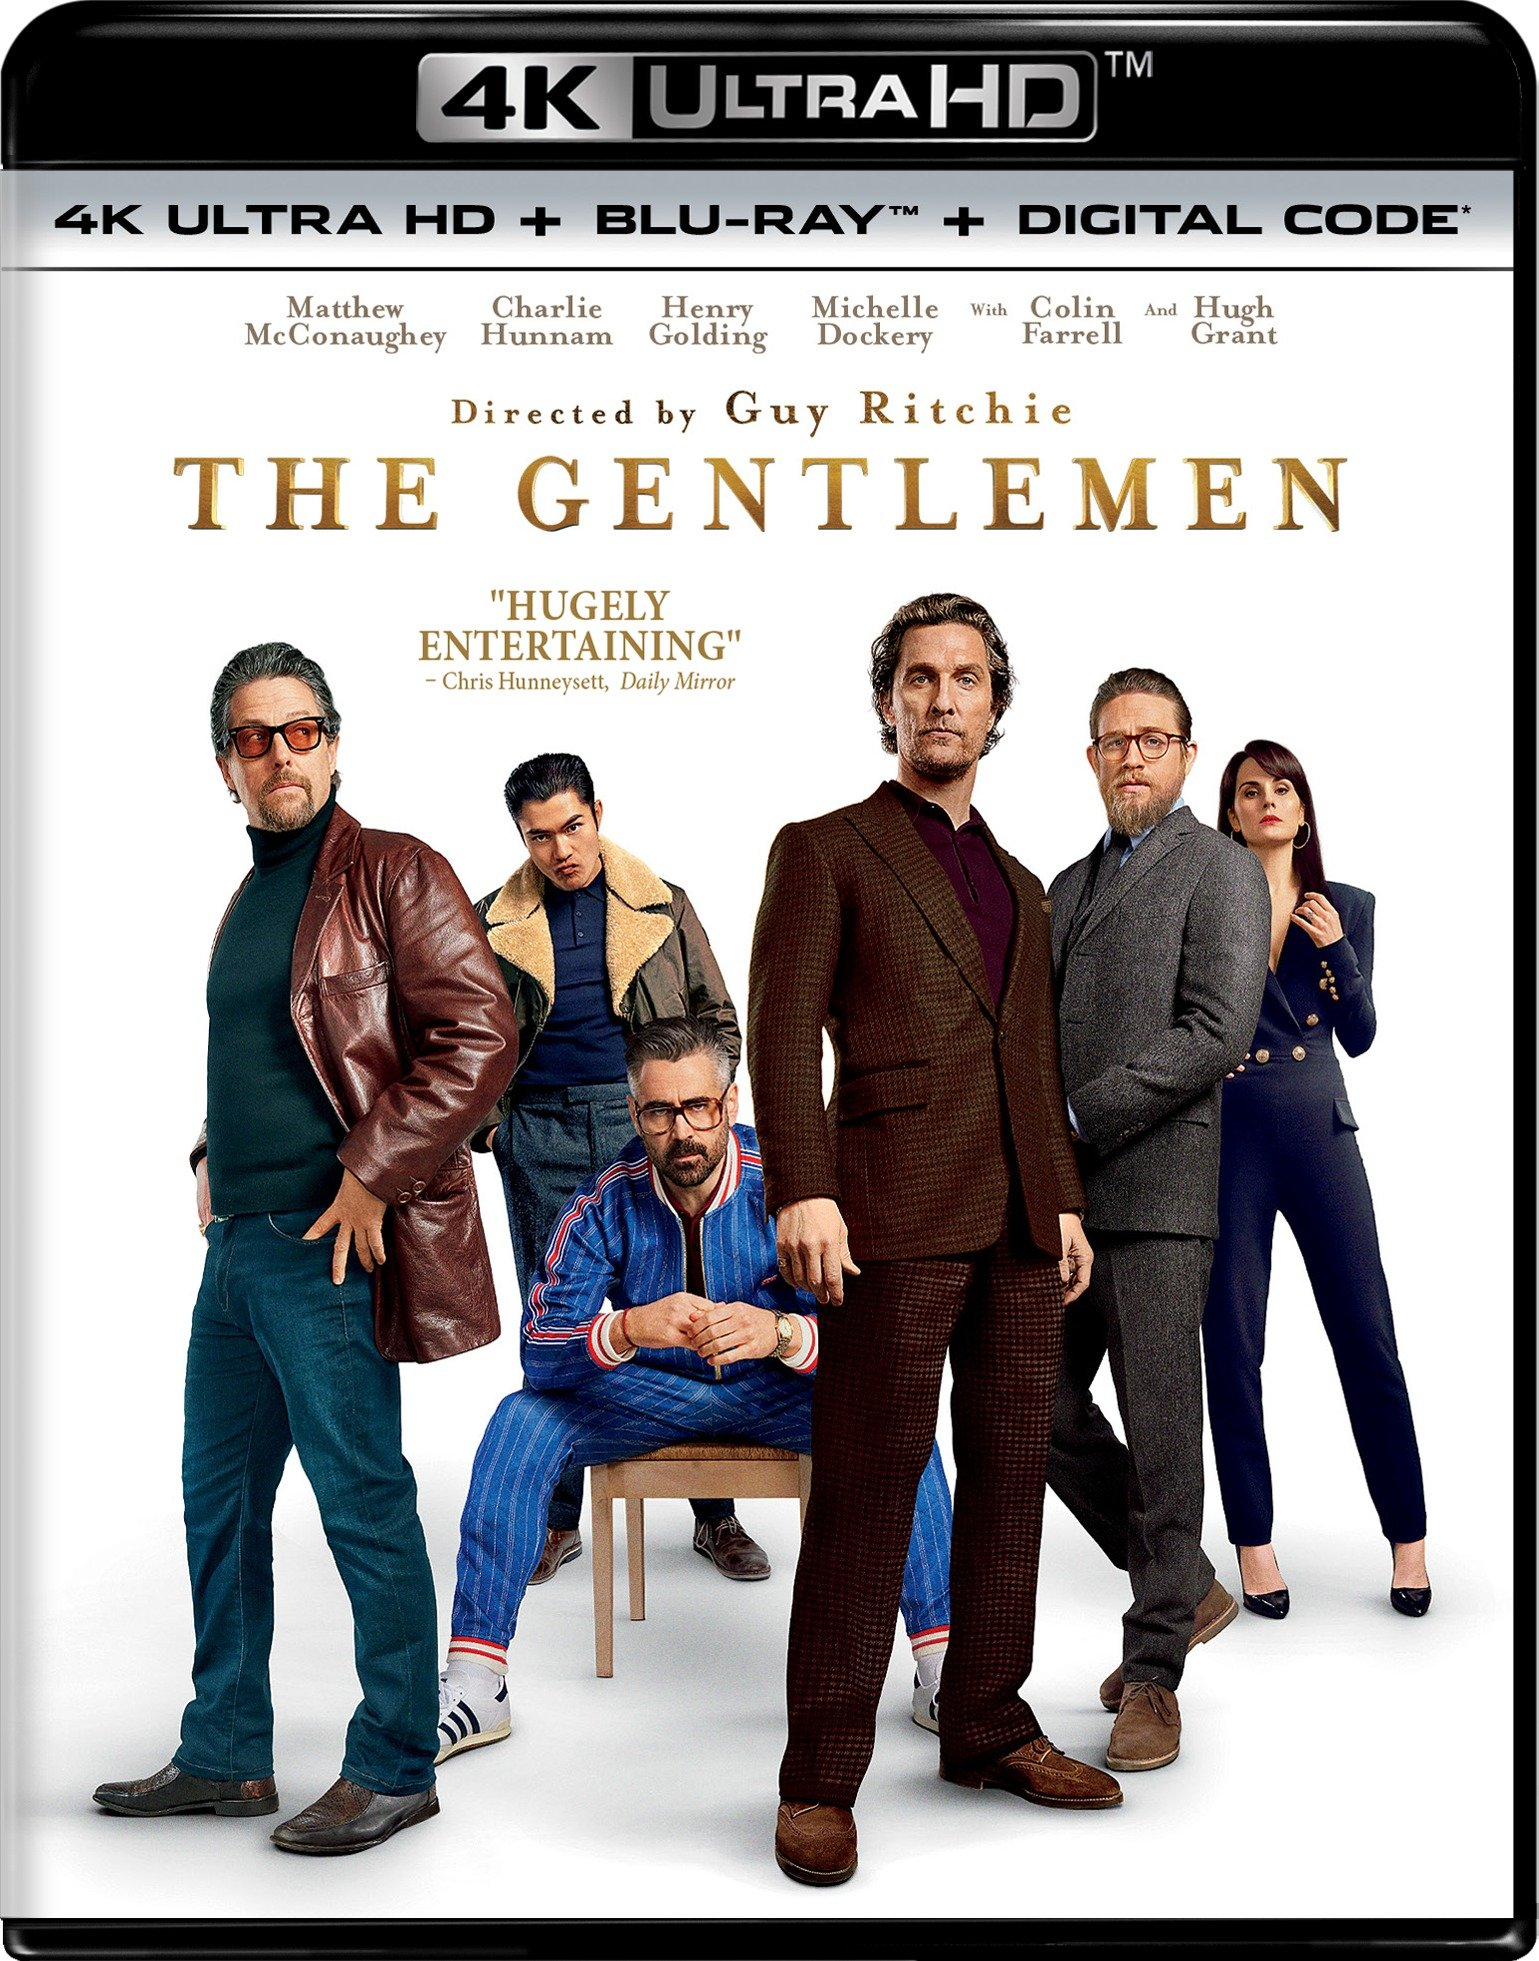 The Gentlemen (2019) poster image